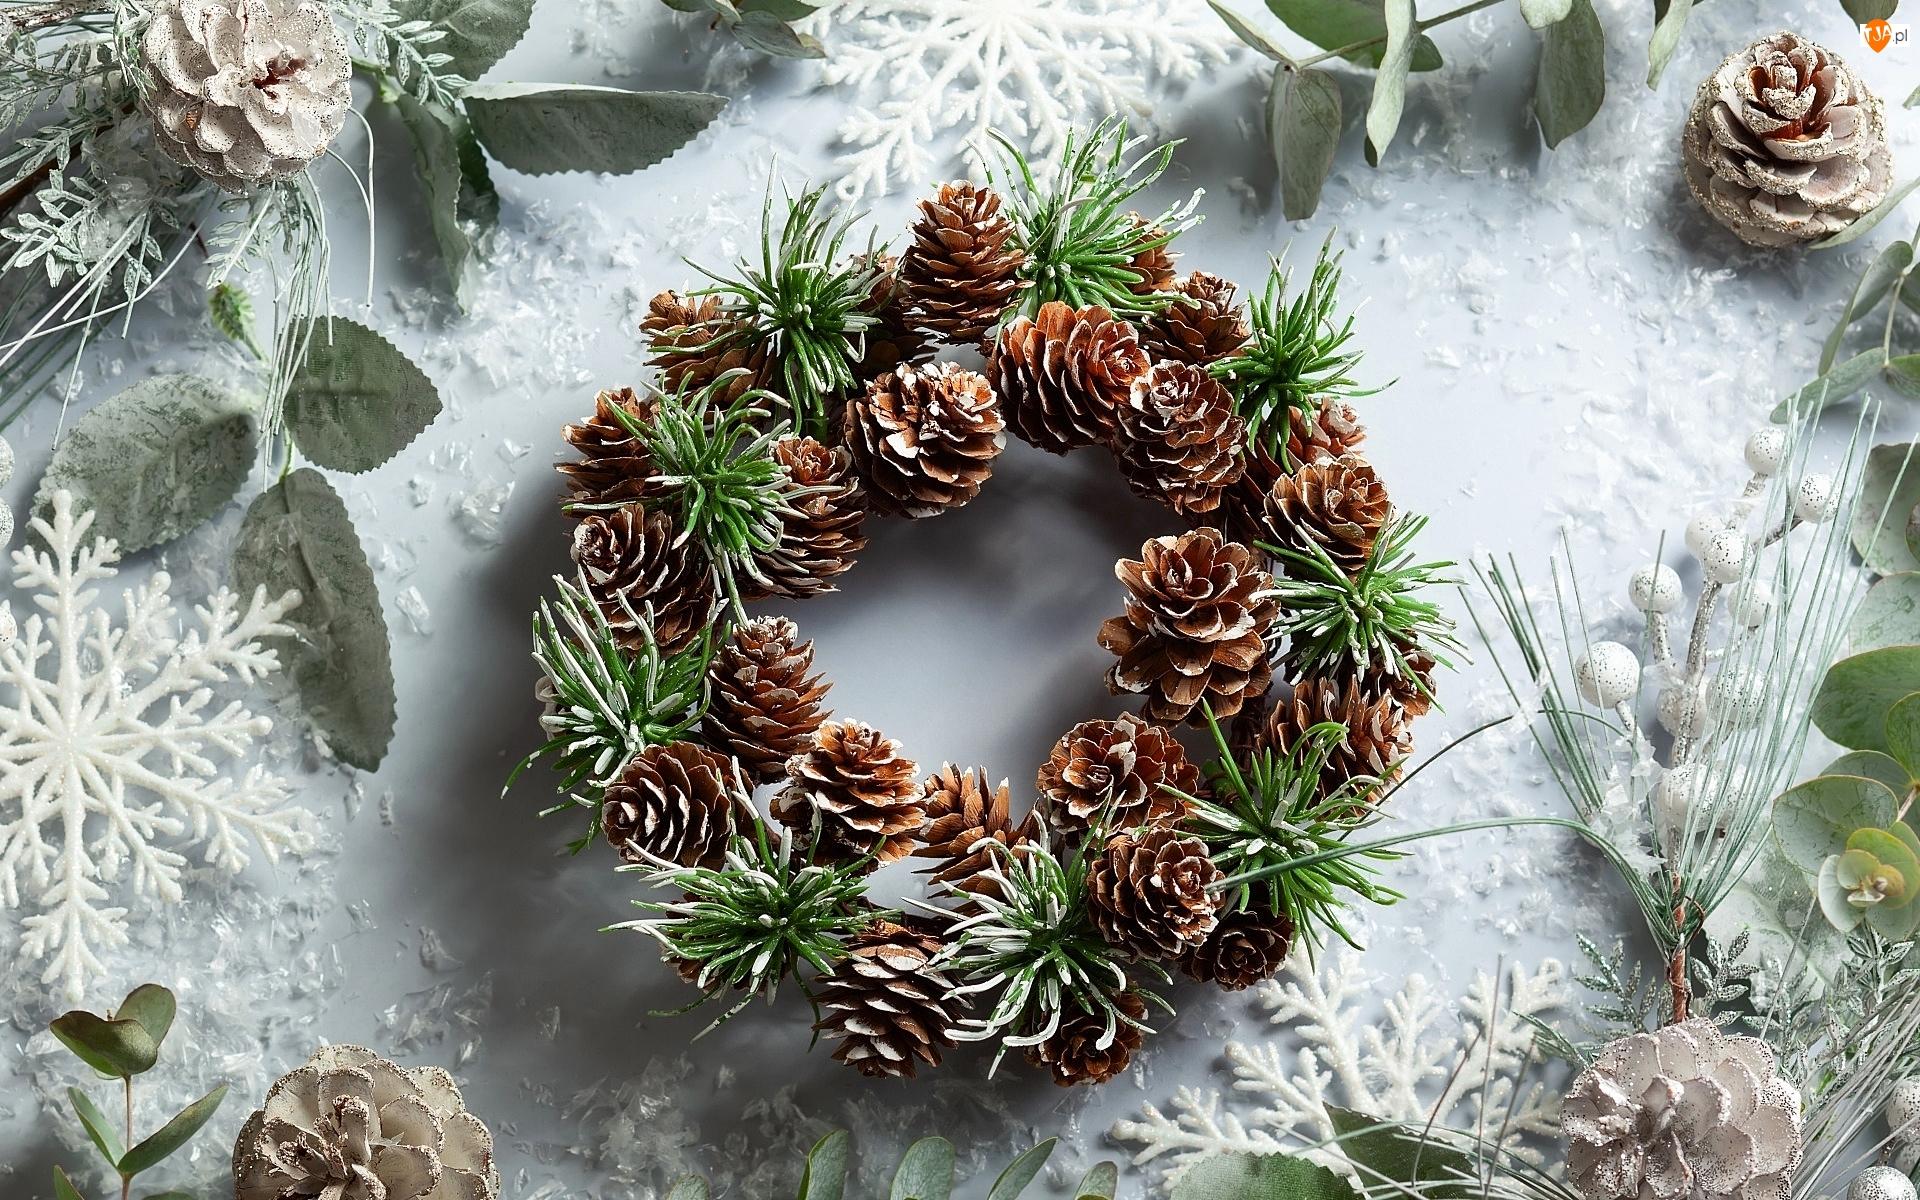 Świąteczny, Stroik, Szyszki, Liście, Wieniec, Śnieżynki